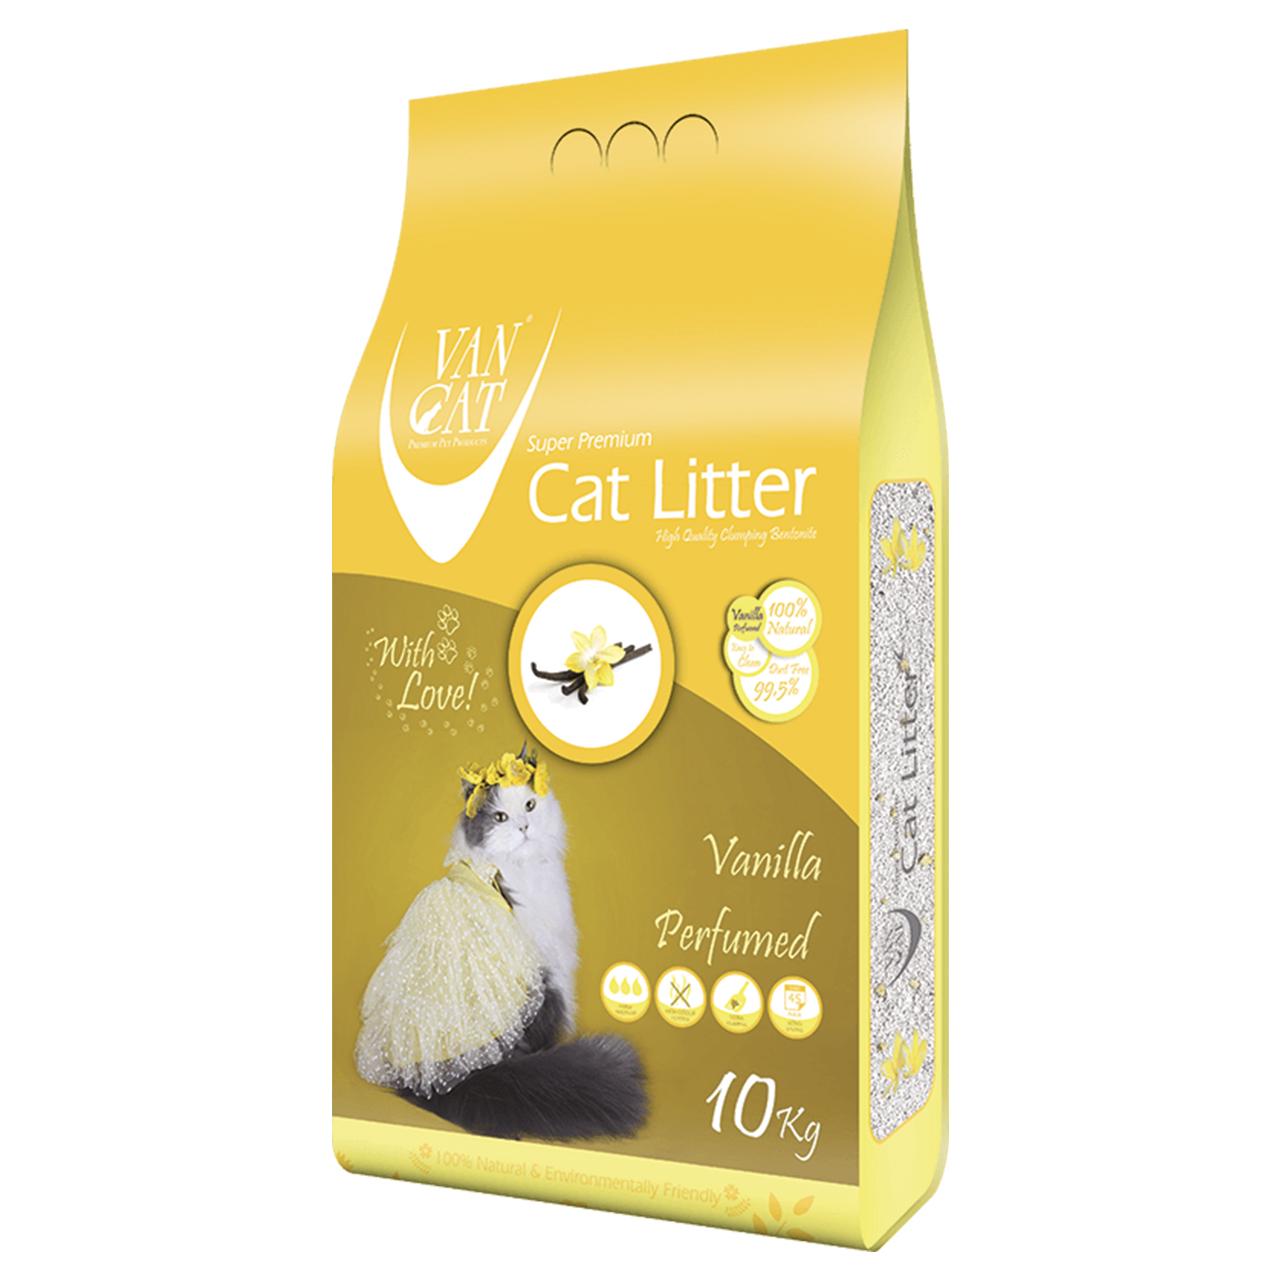 خاک گربه ون کت مدل Vanilla وزن 10 کیلوگرم